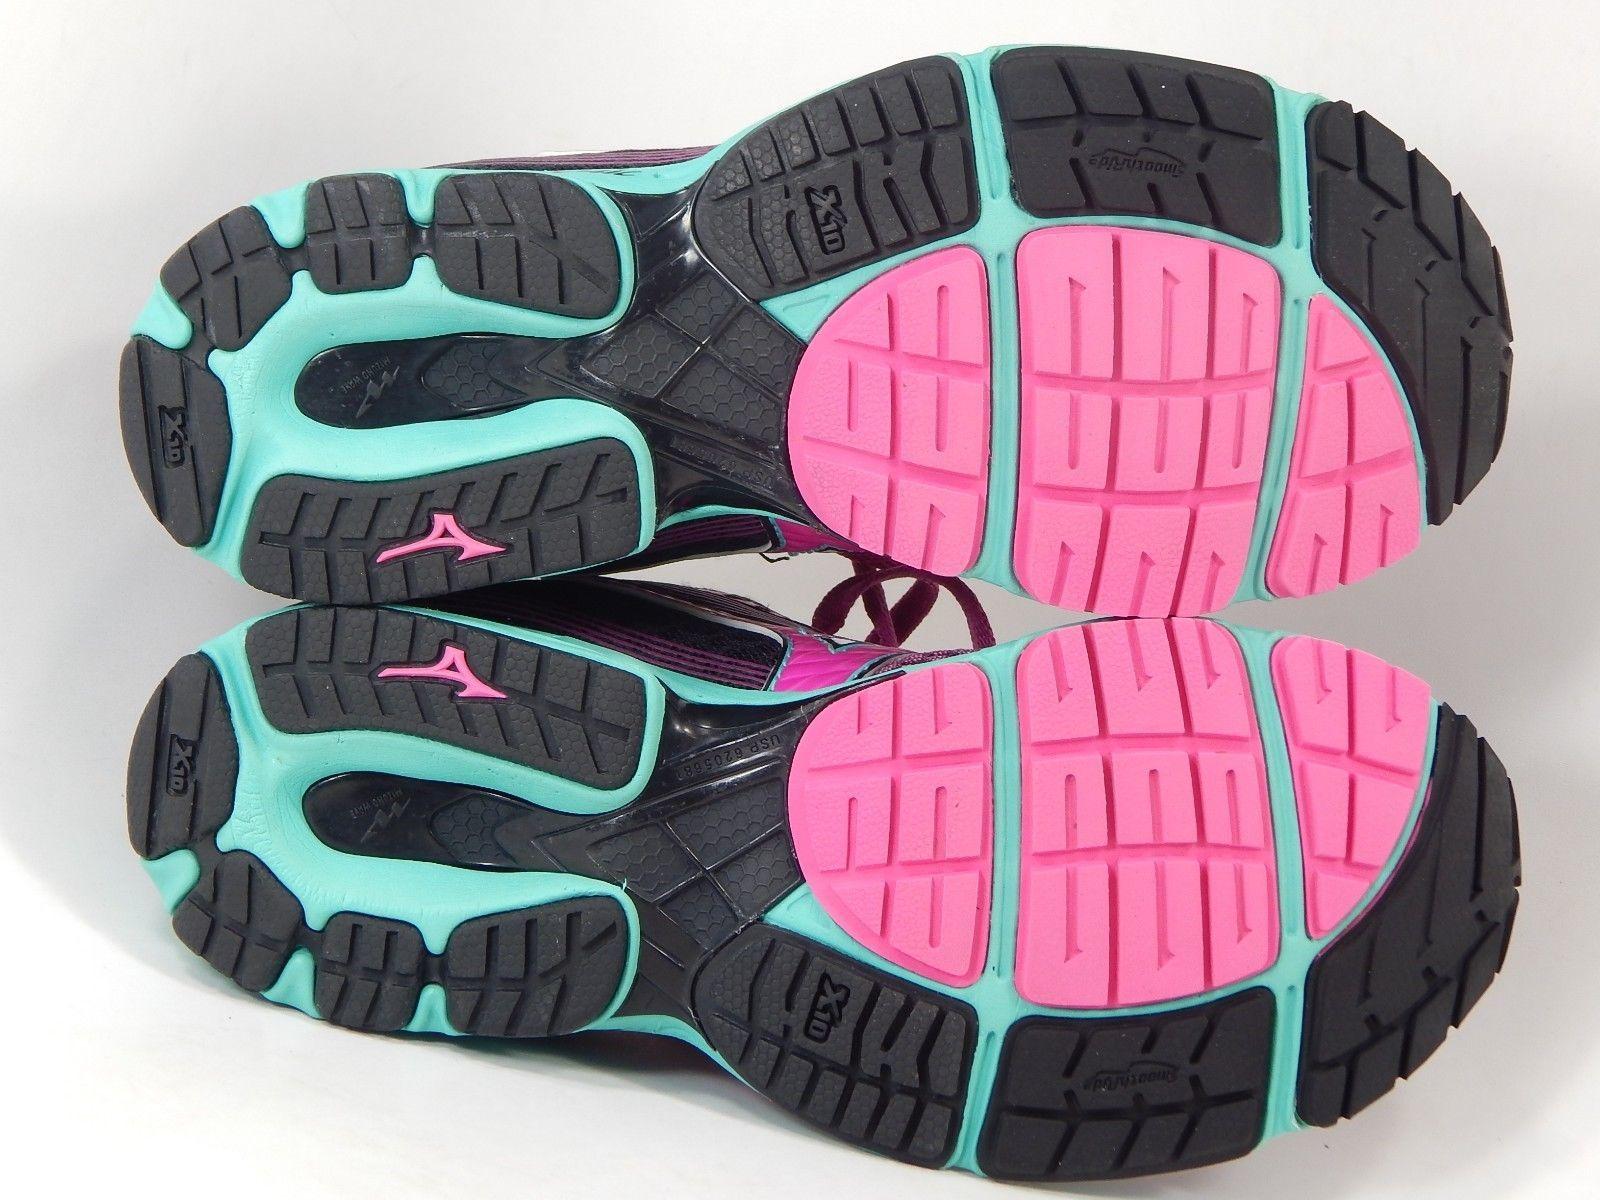 Mizuno Wave Sayonara 3 Size US 7 M (B) EU 37 Women's Running Shoes Black Purple